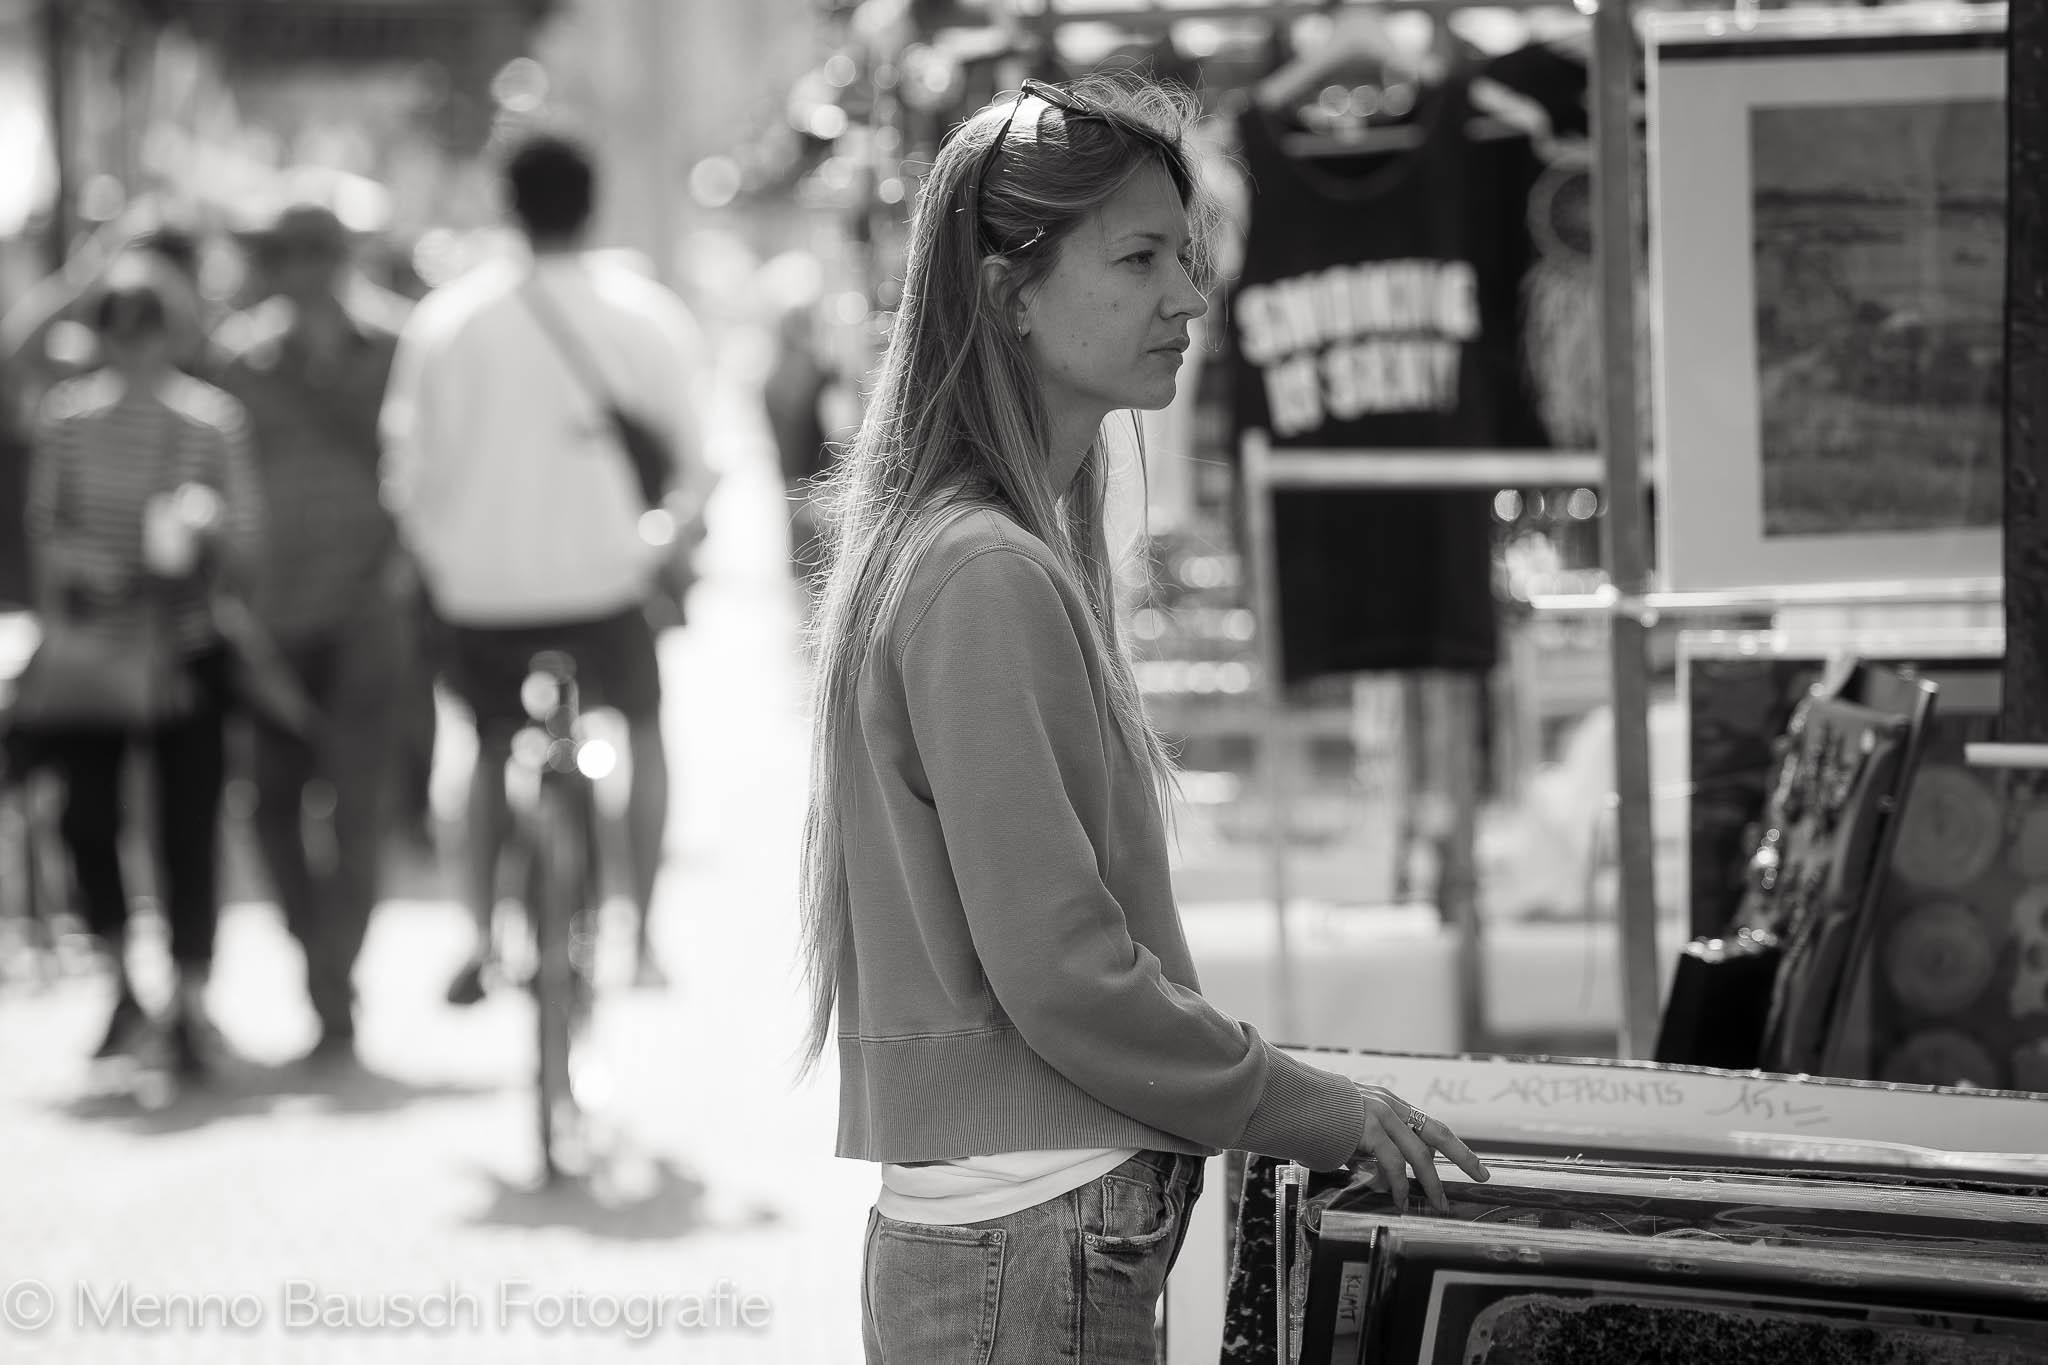 Workshop Straatfotografie Menno Bausch Fotografie